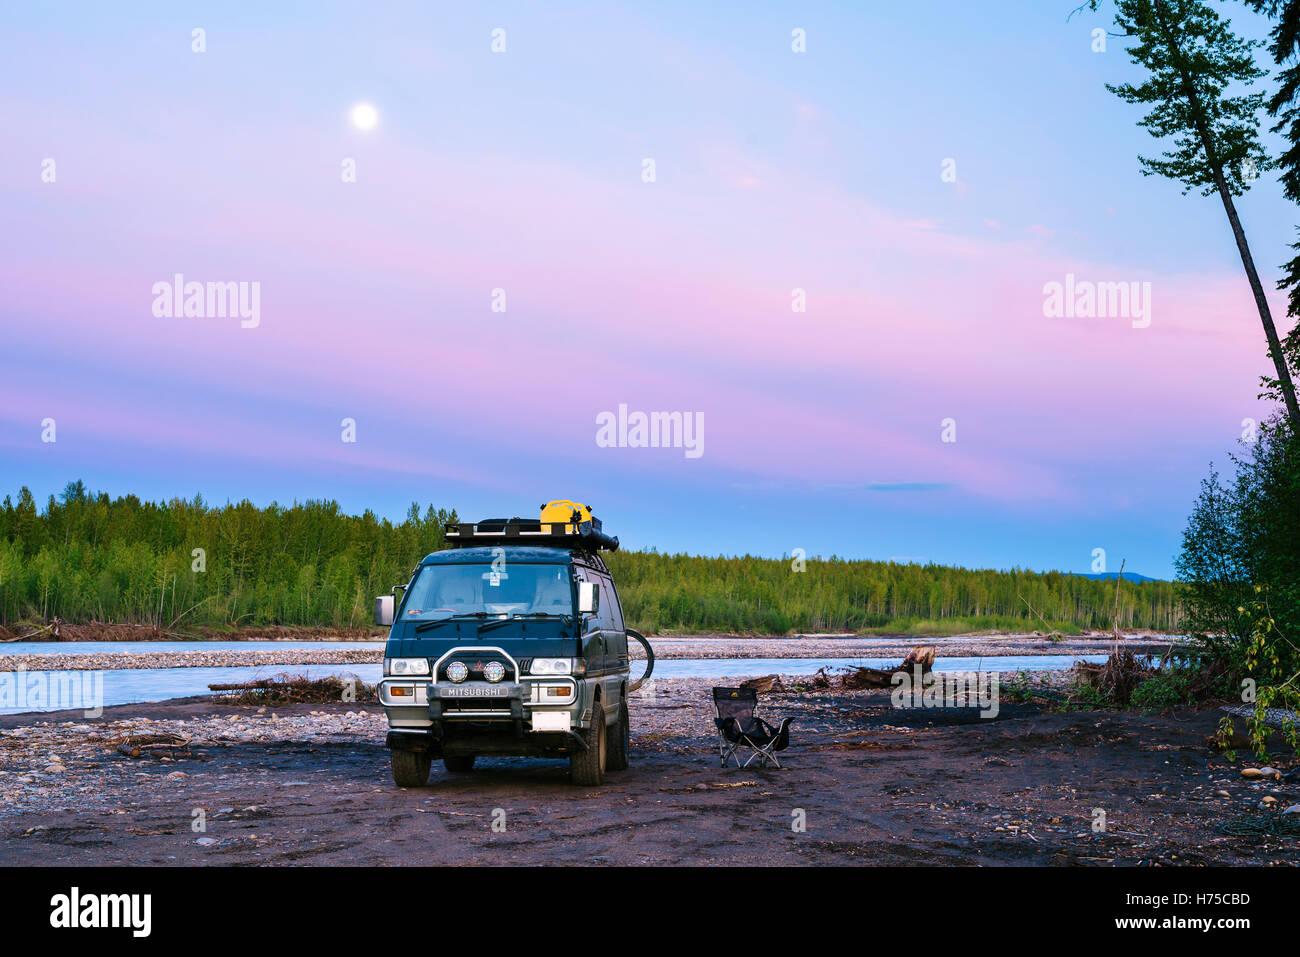 Una Mitsubishi Delica L300 camper parcheggiato di fianco al fiume Muskwa nel nord della British Columbia, Canada Immagini Stock